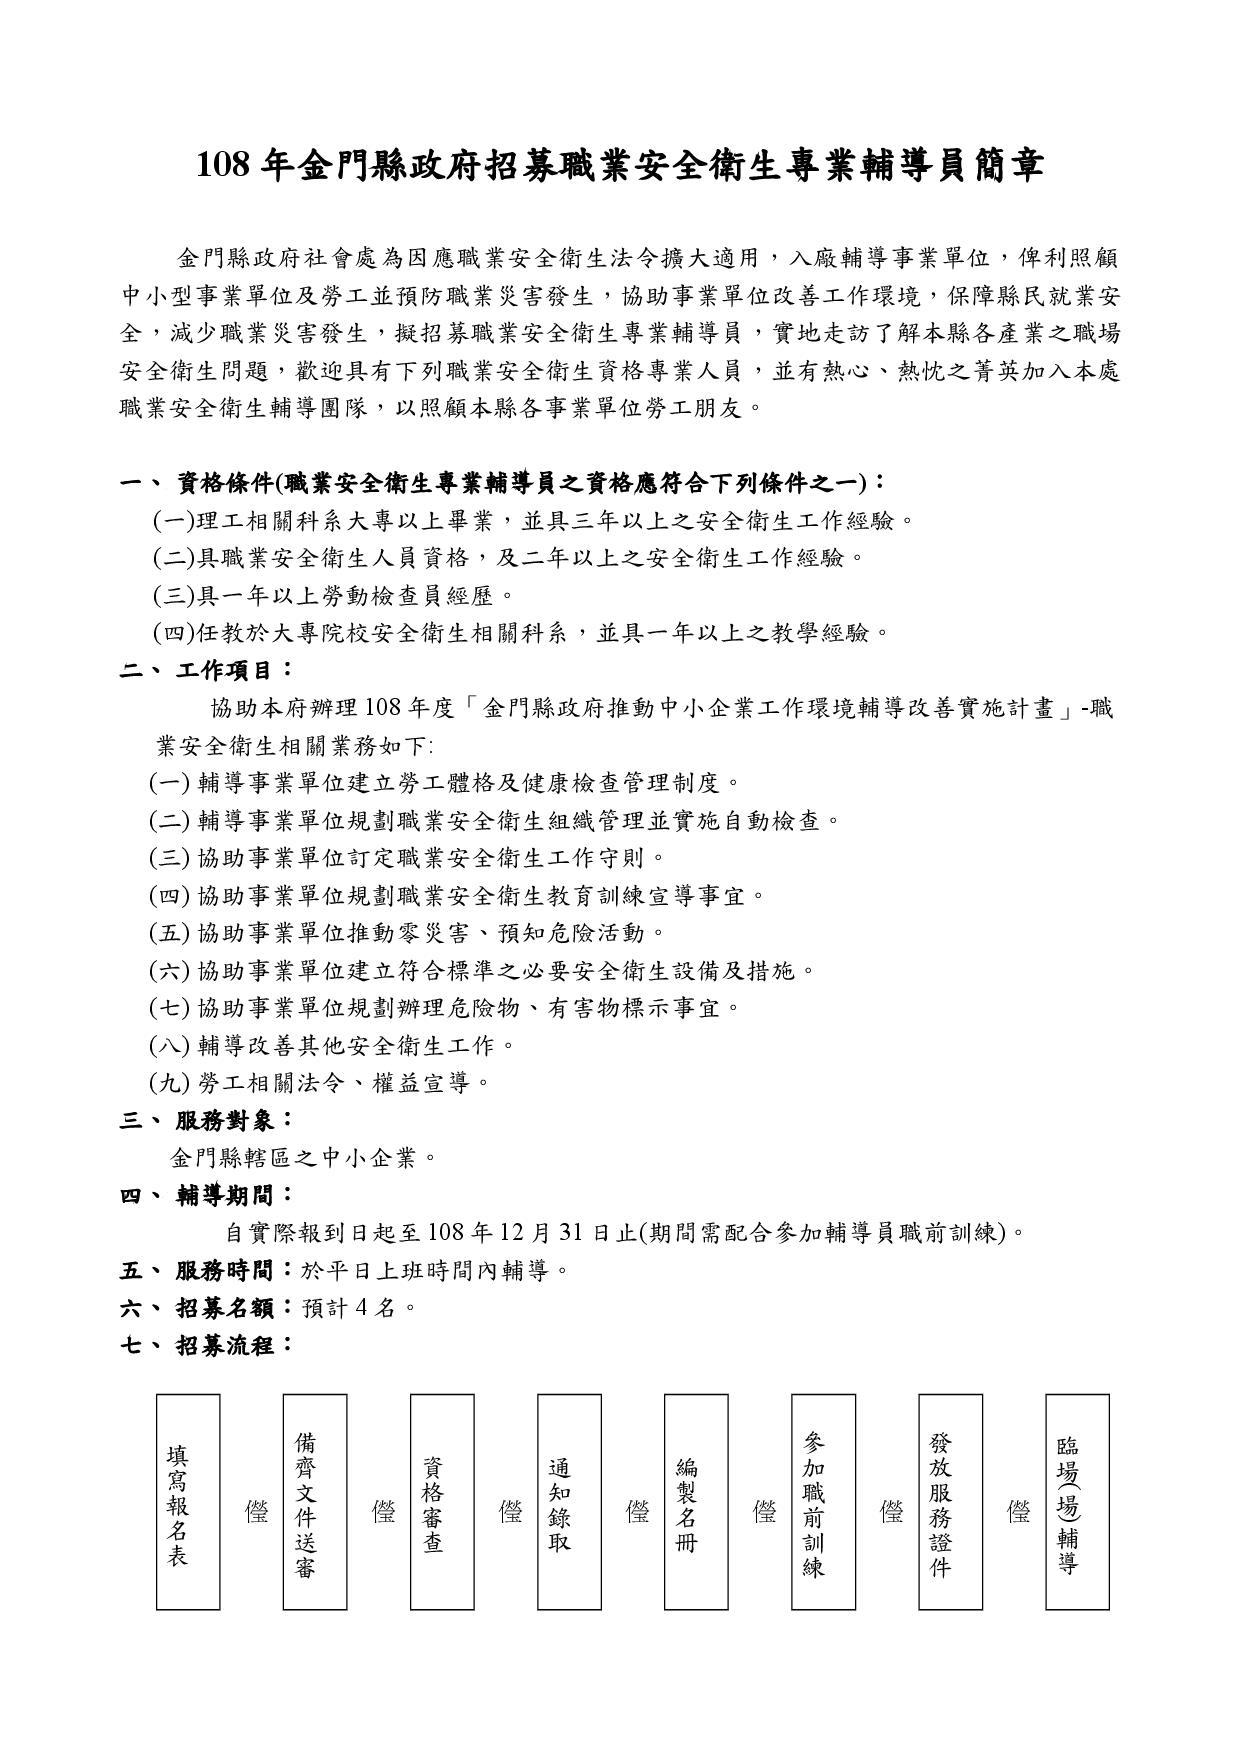 108年金門縣政府招募職業安全衛生輔導員招募及報名表